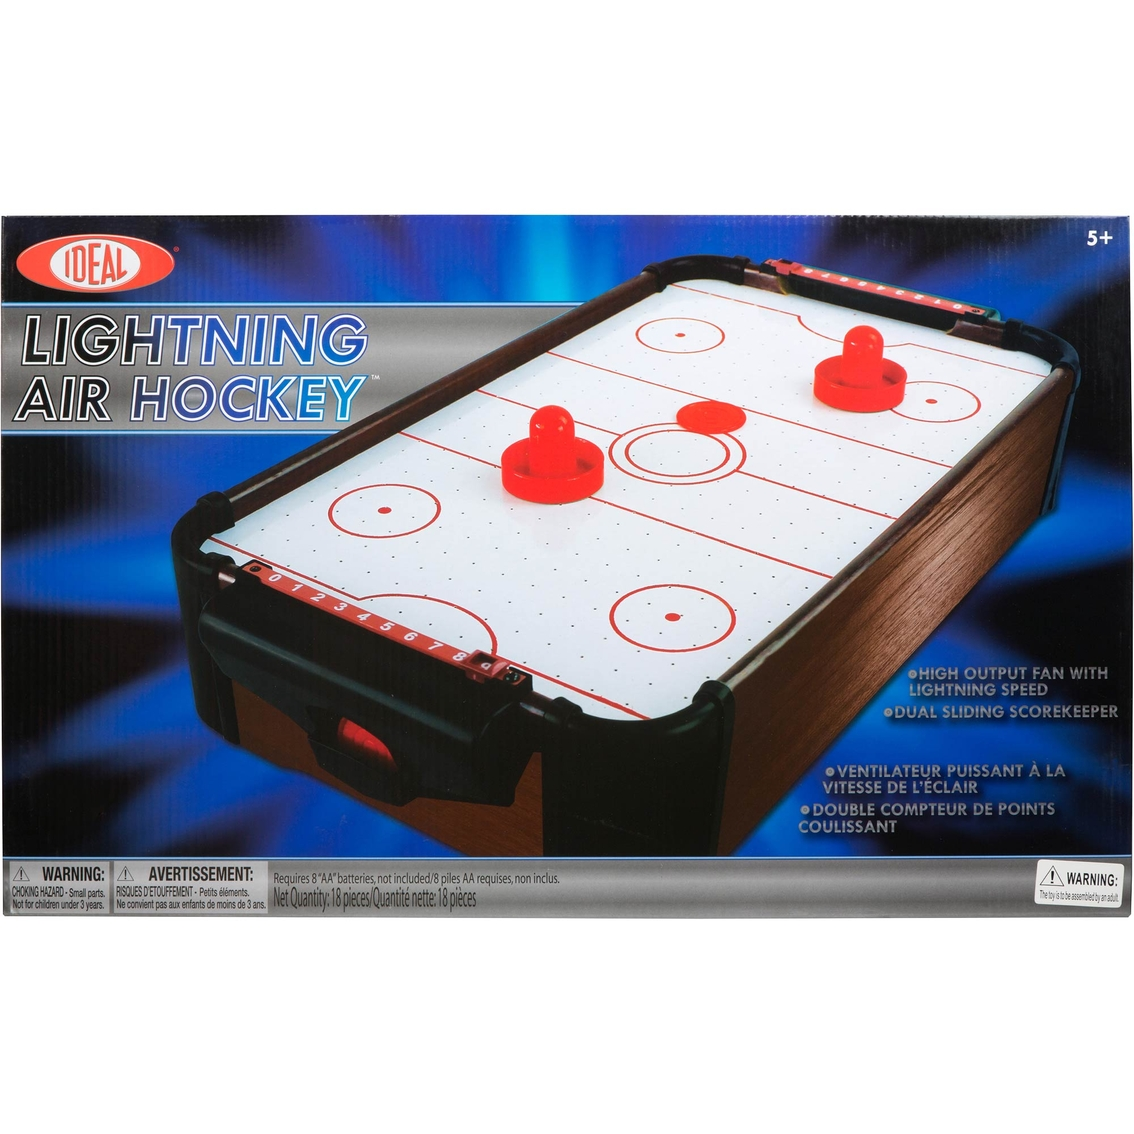 Ideal Lightning Tabletop Air Hockey